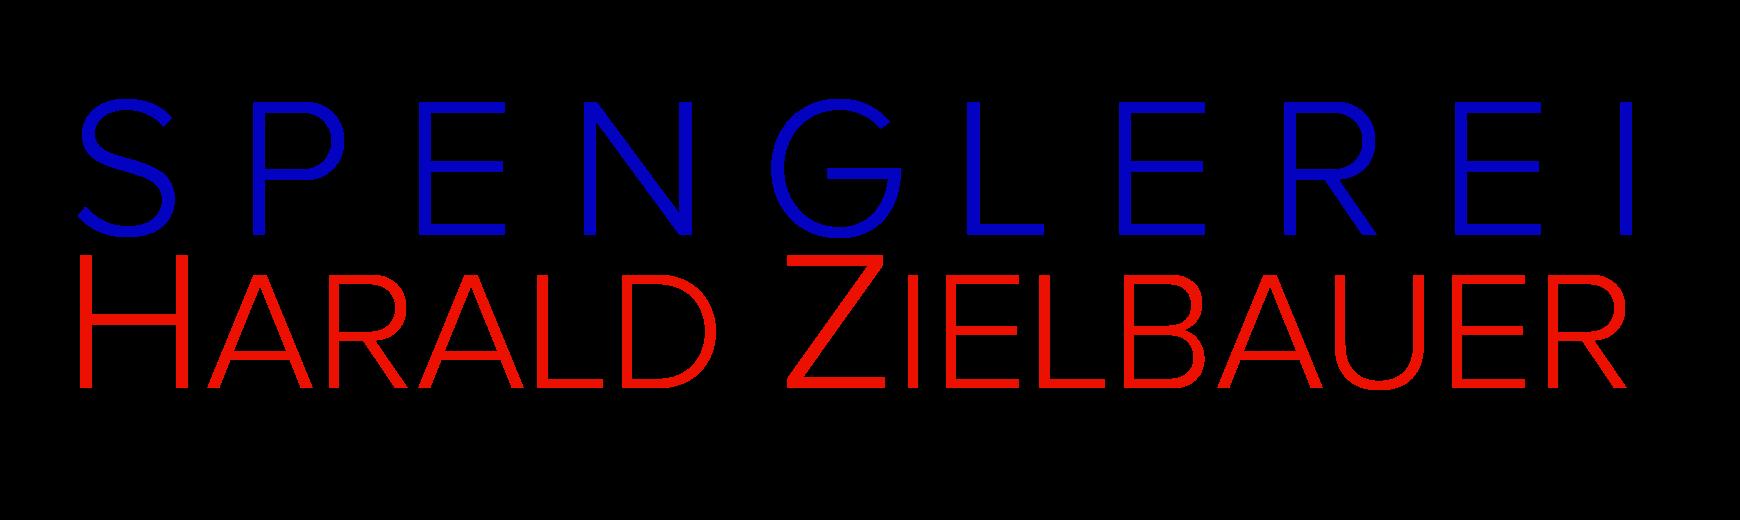 Spenglerei Harald Zielbauer